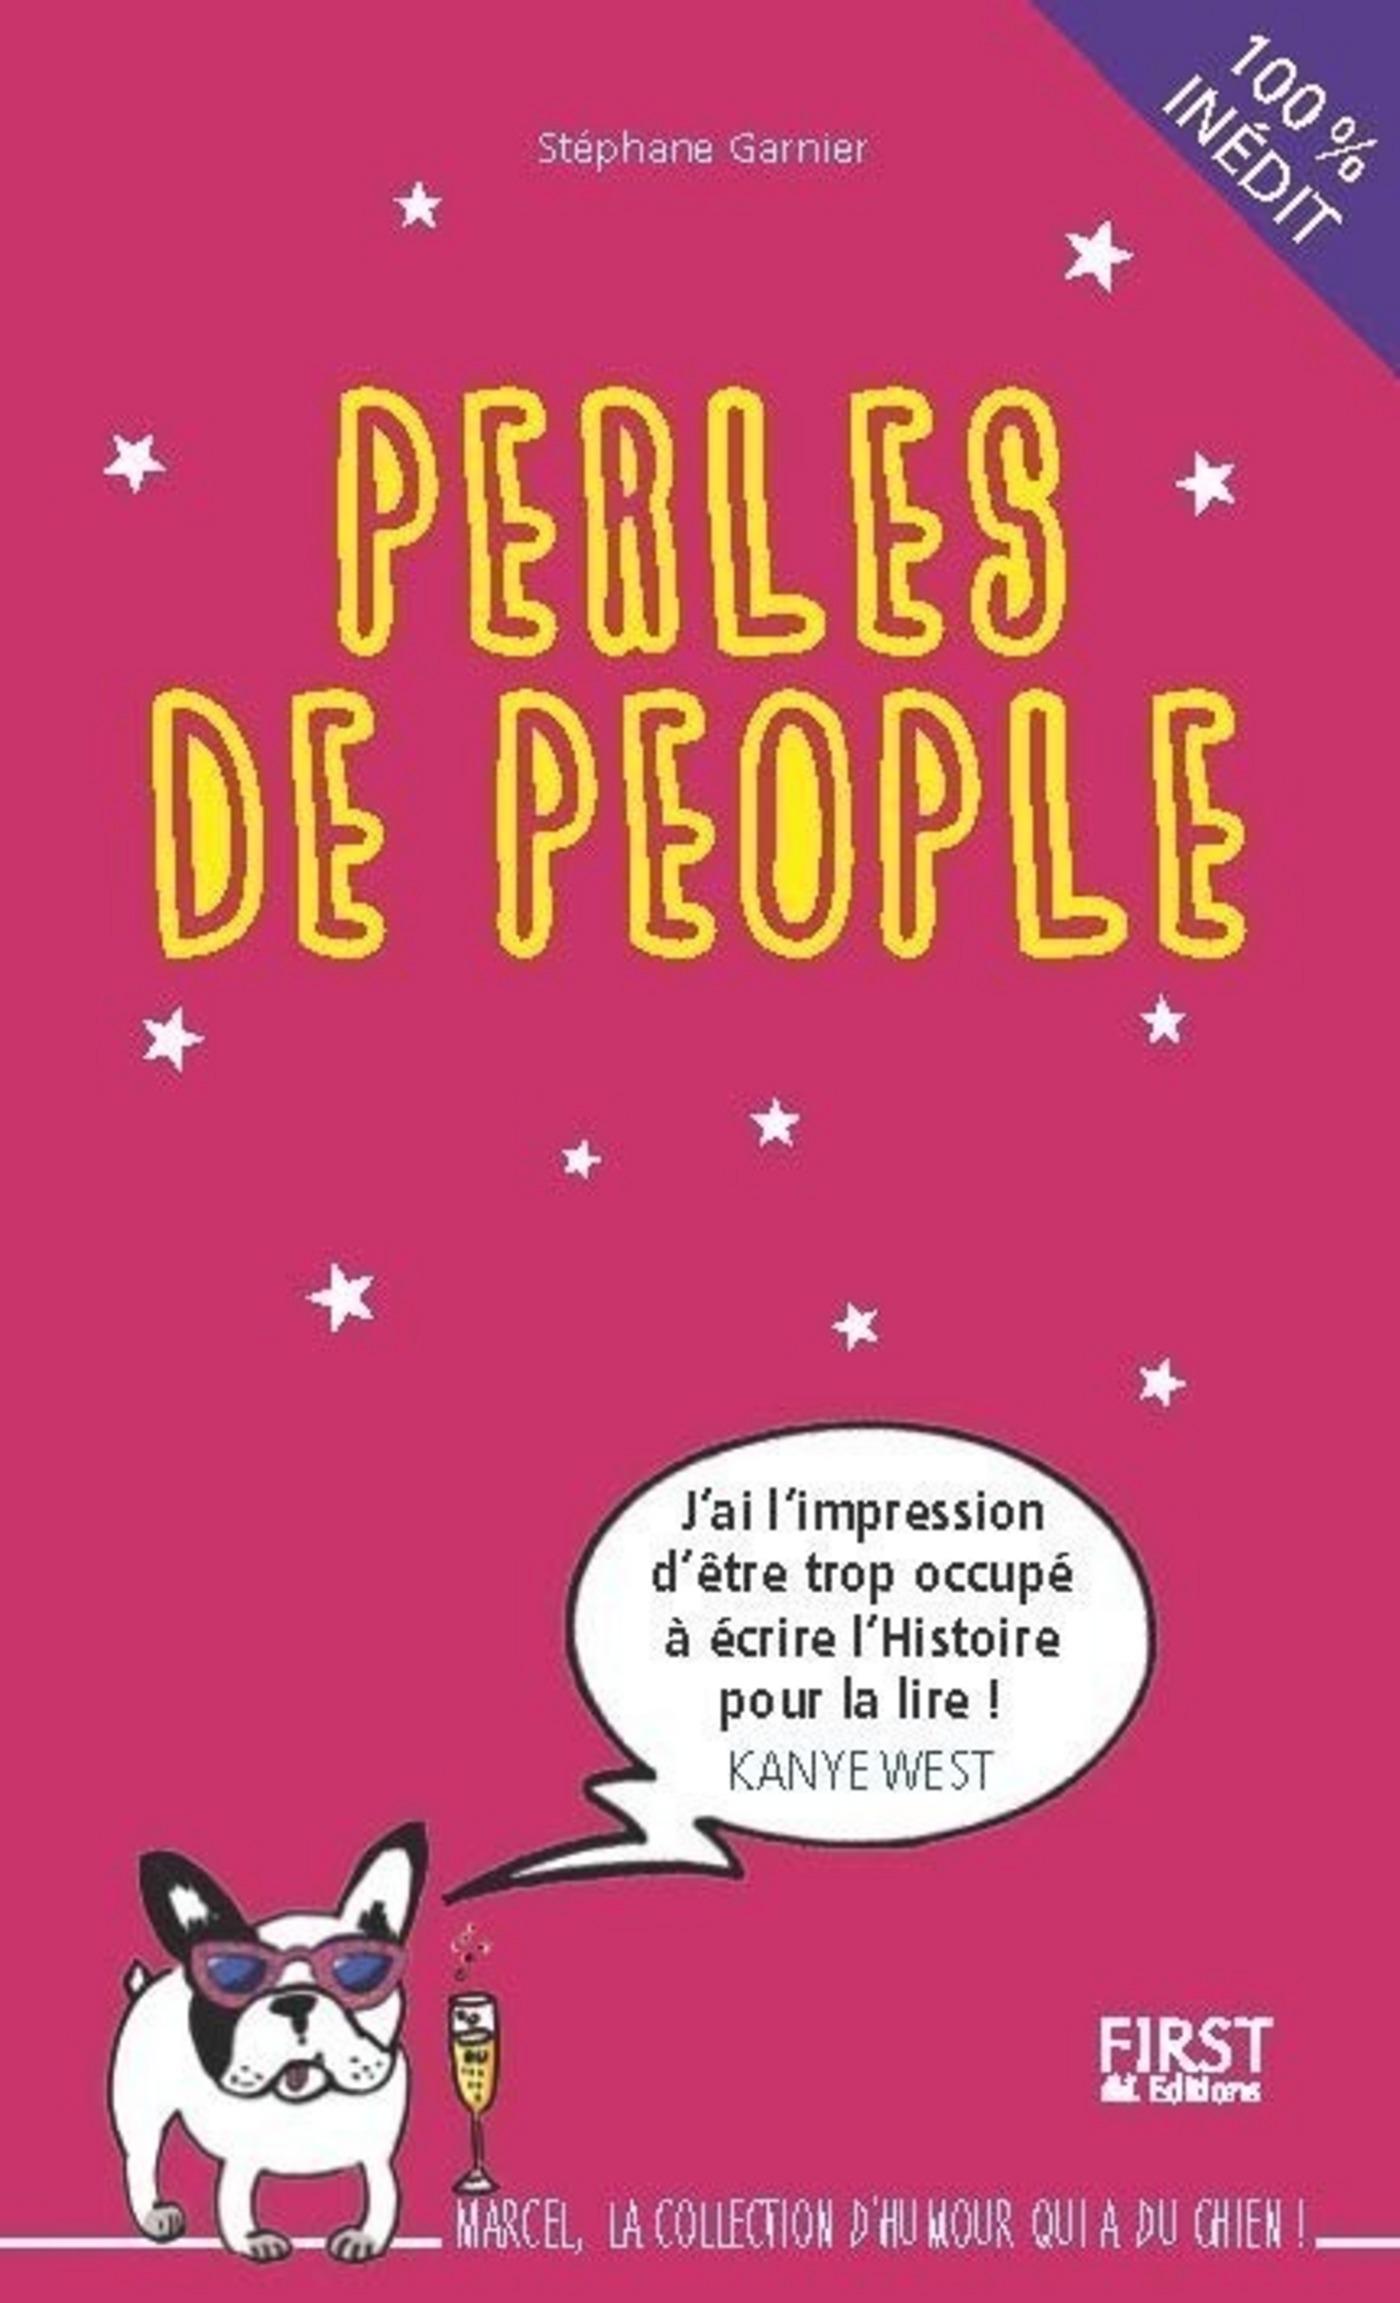 Perles de people